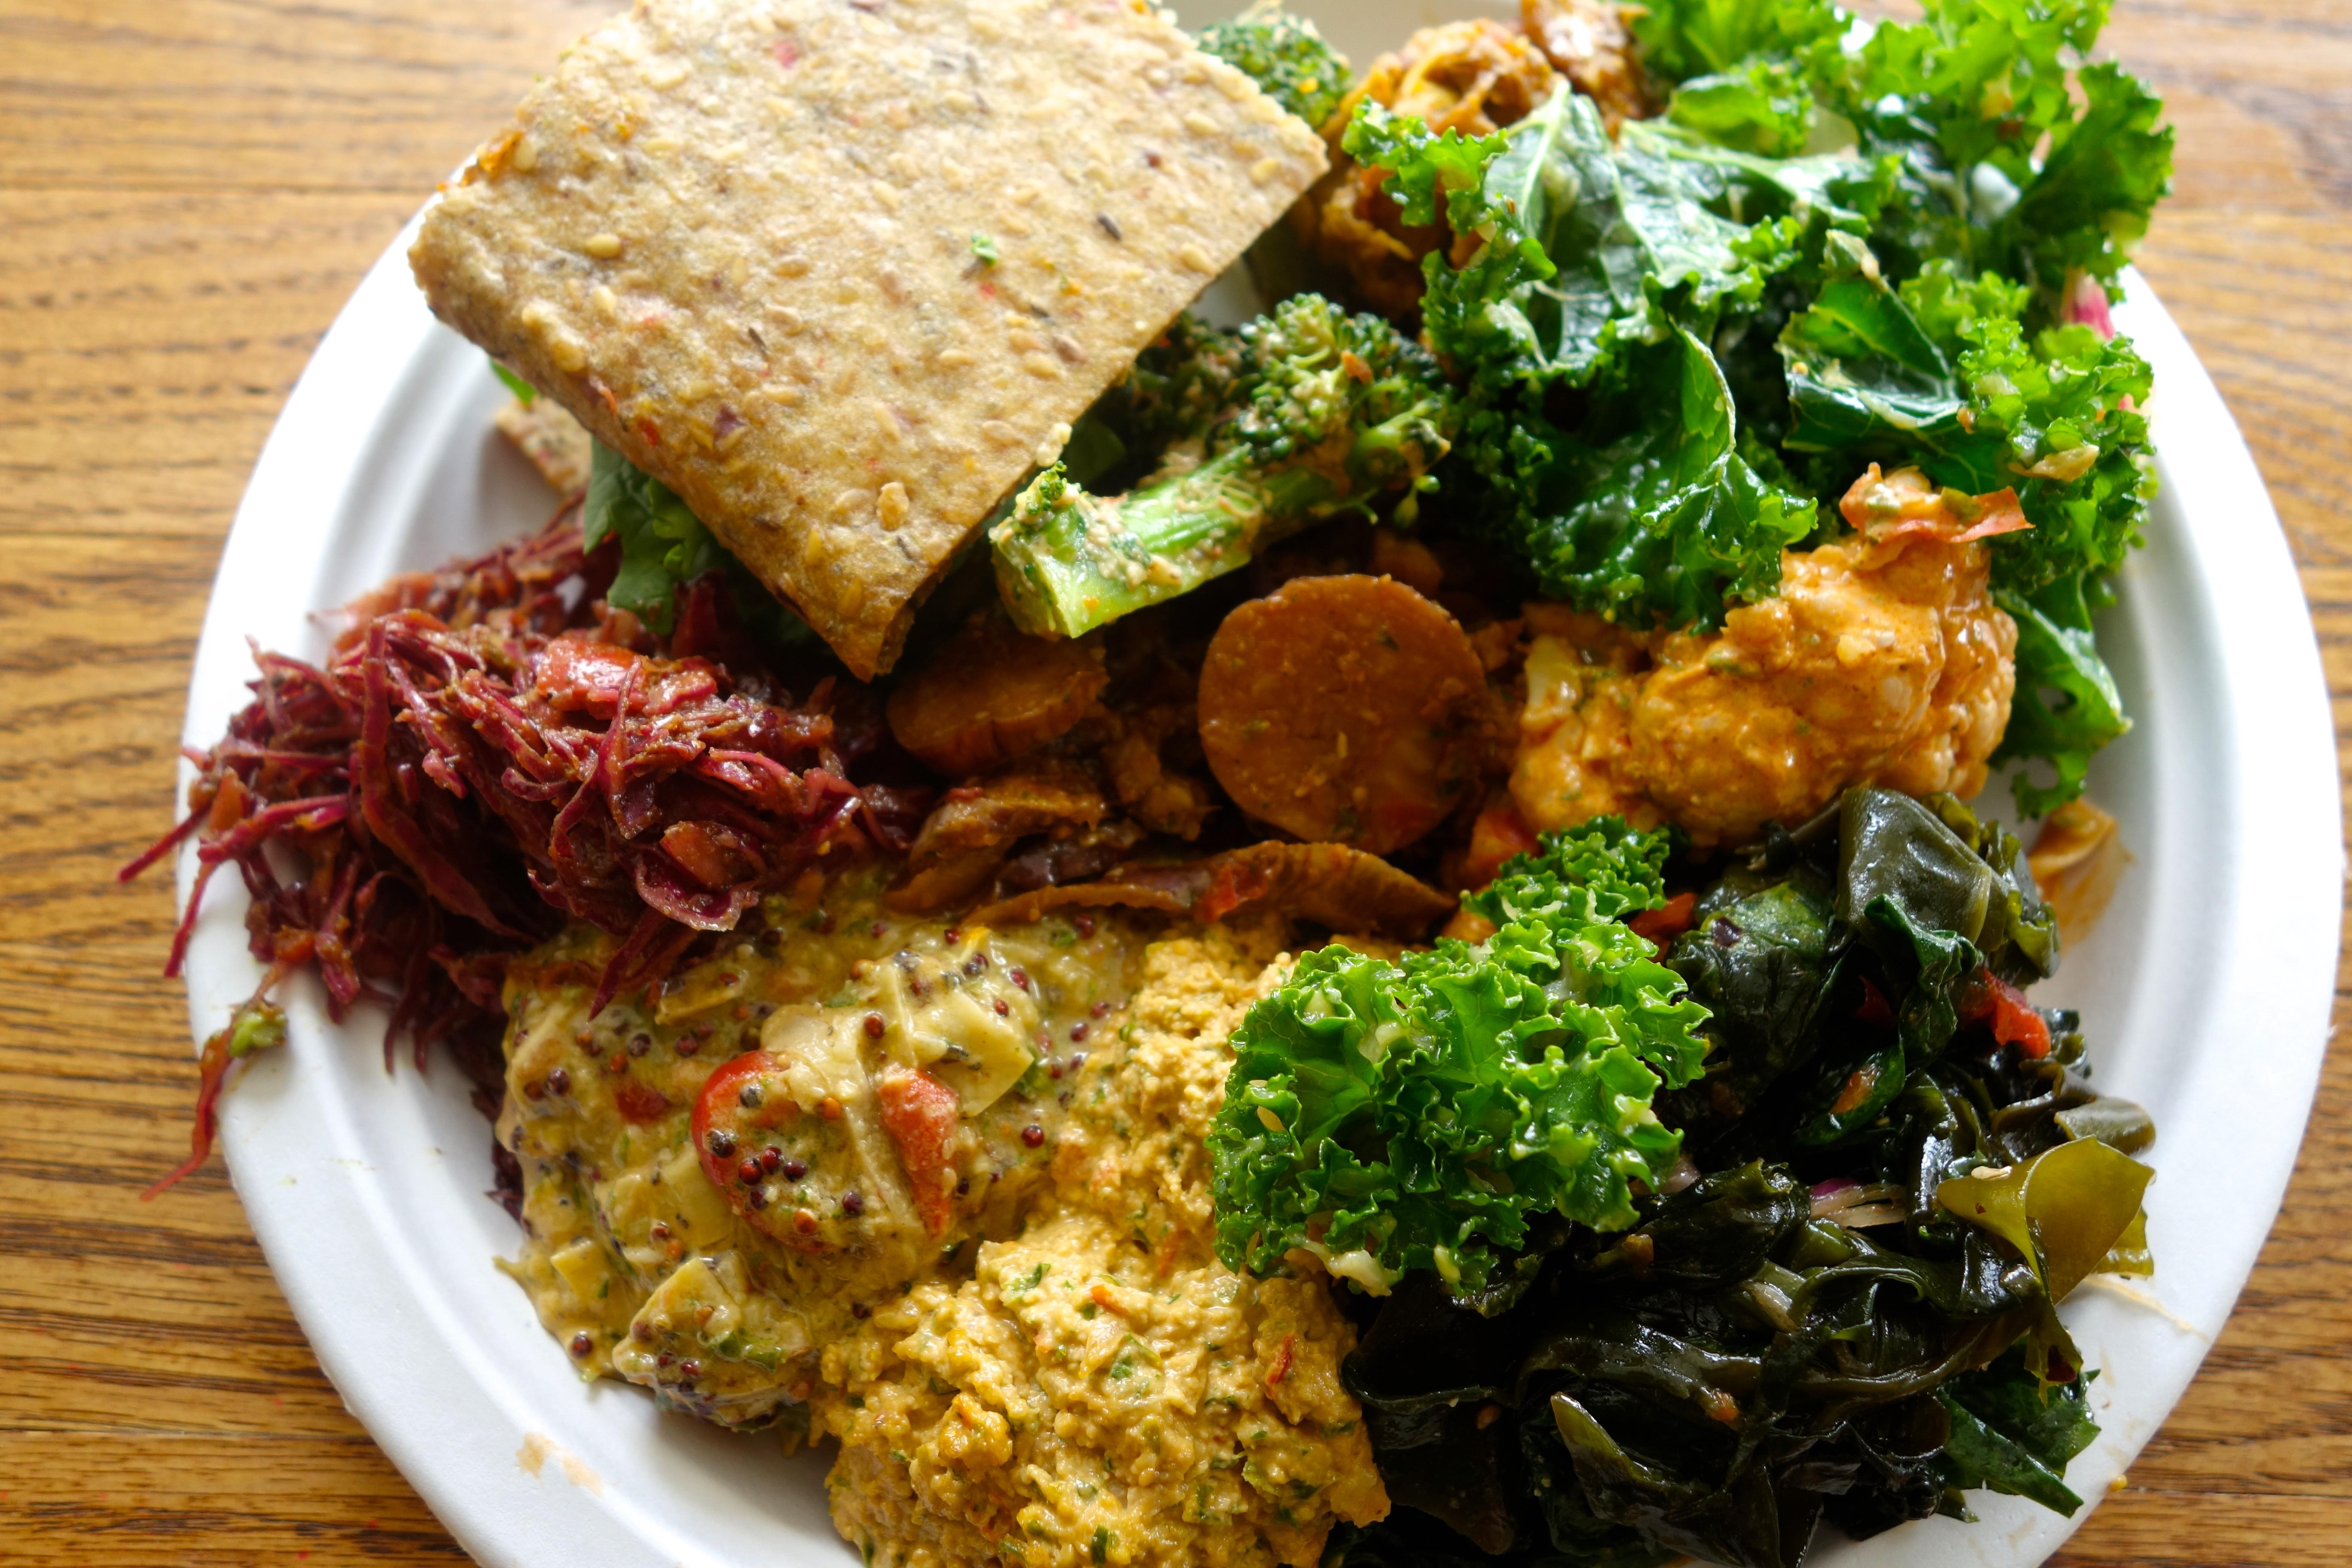 Vegan in washington dc for Bar food vegetarian